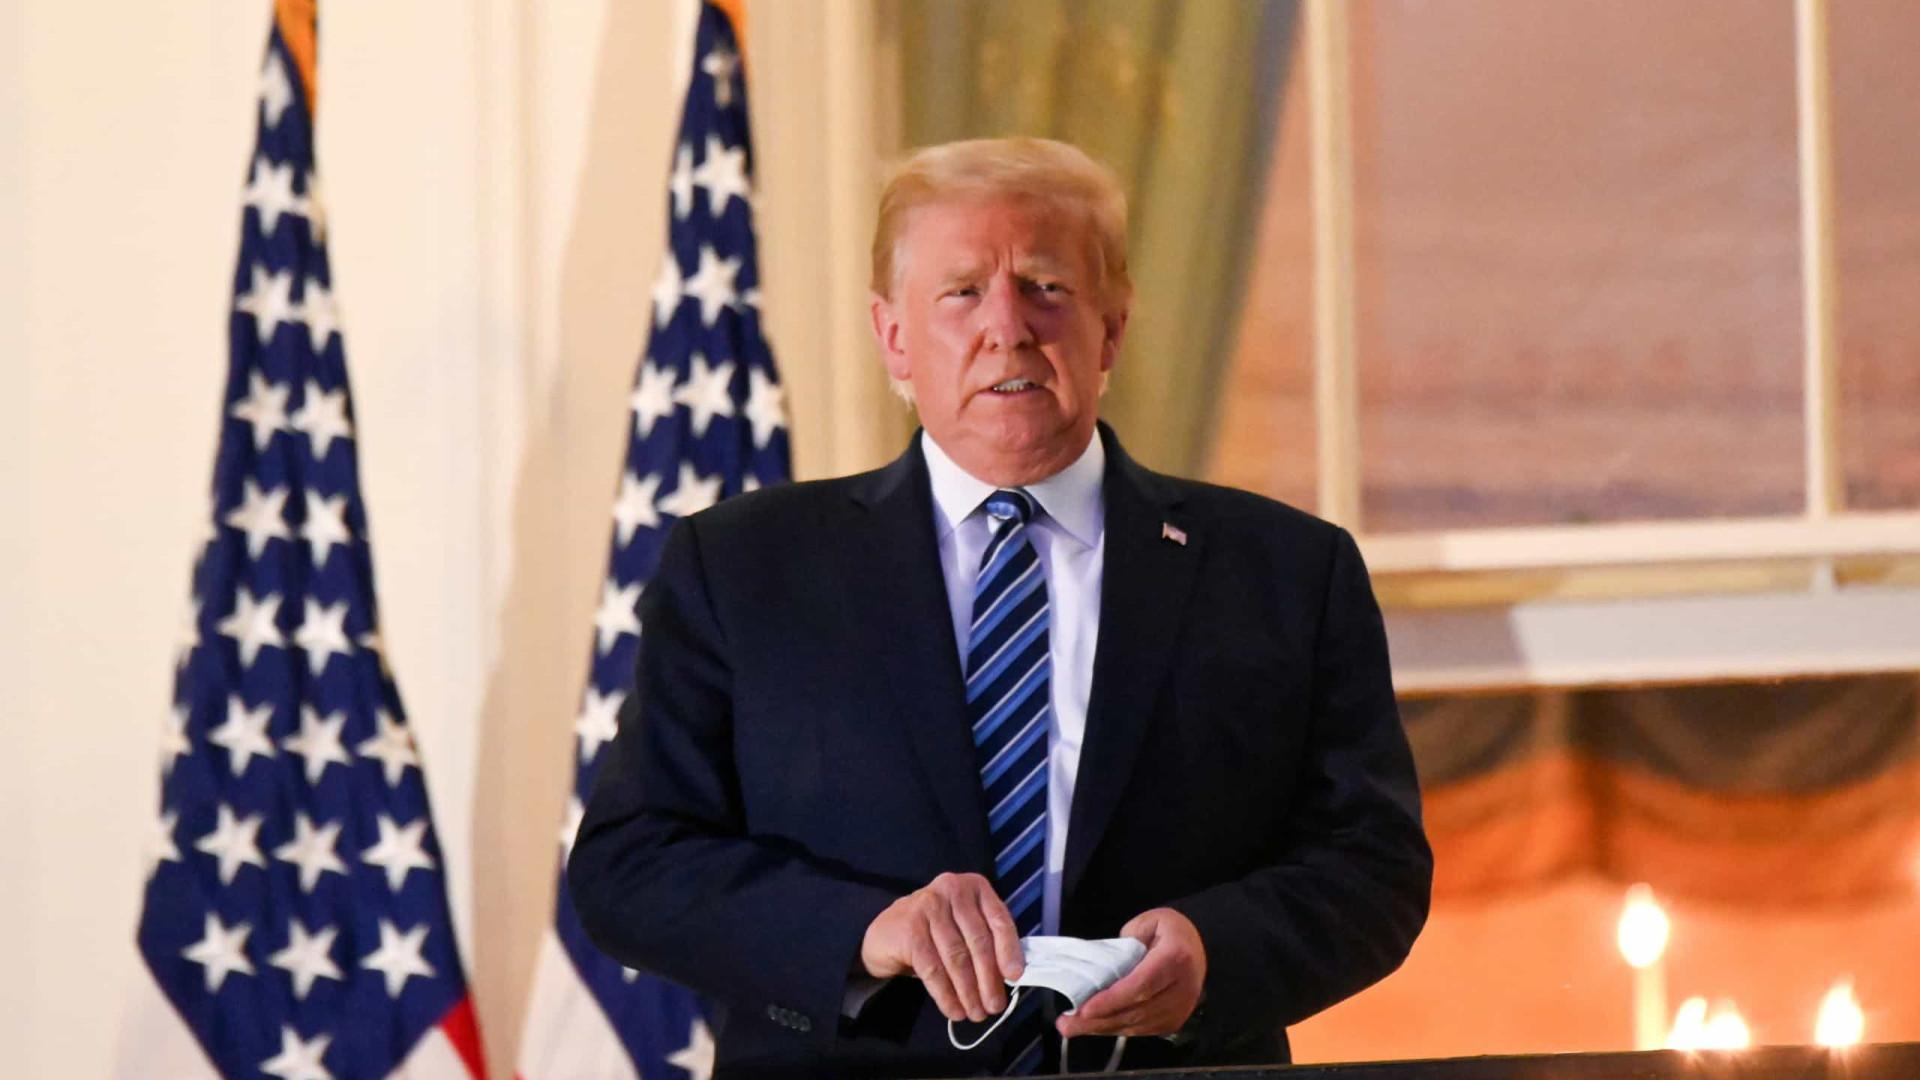 Trump pede orações por sucesso do novo governo, mas diz que seu movimento 'apenas começou'